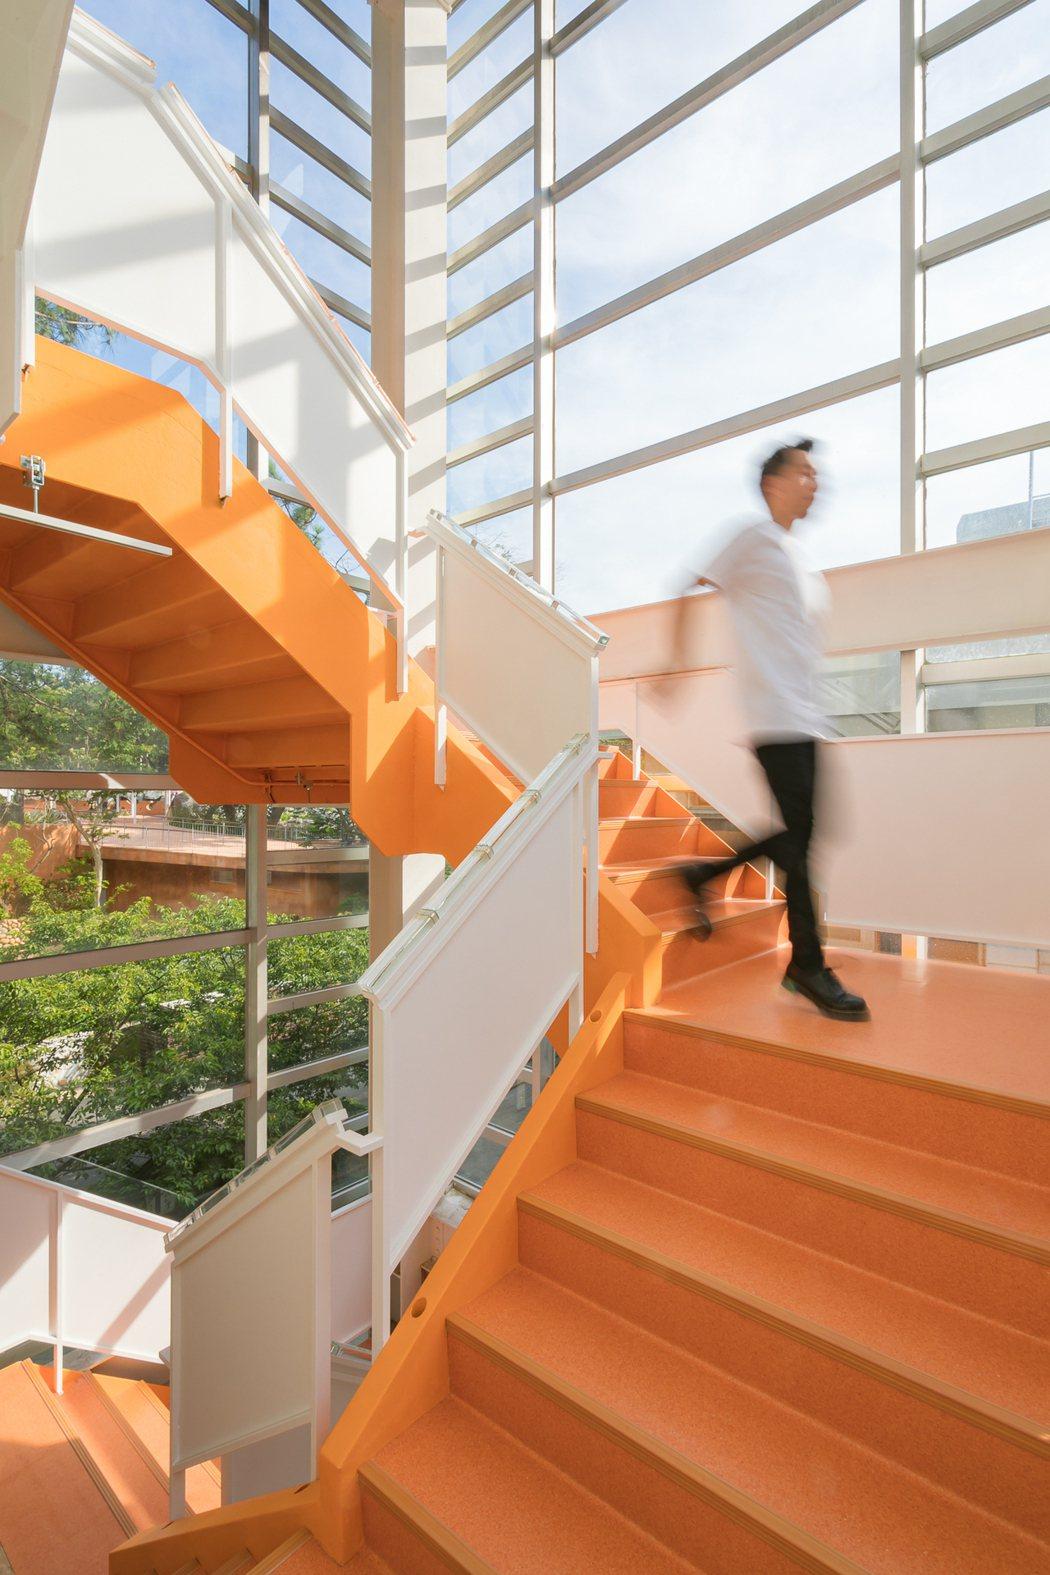 連結三樓到一樓的橘色迴轉樓梯正像是從窯爐舀出、高溫流動的玻璃膏,從高處往下流散,...